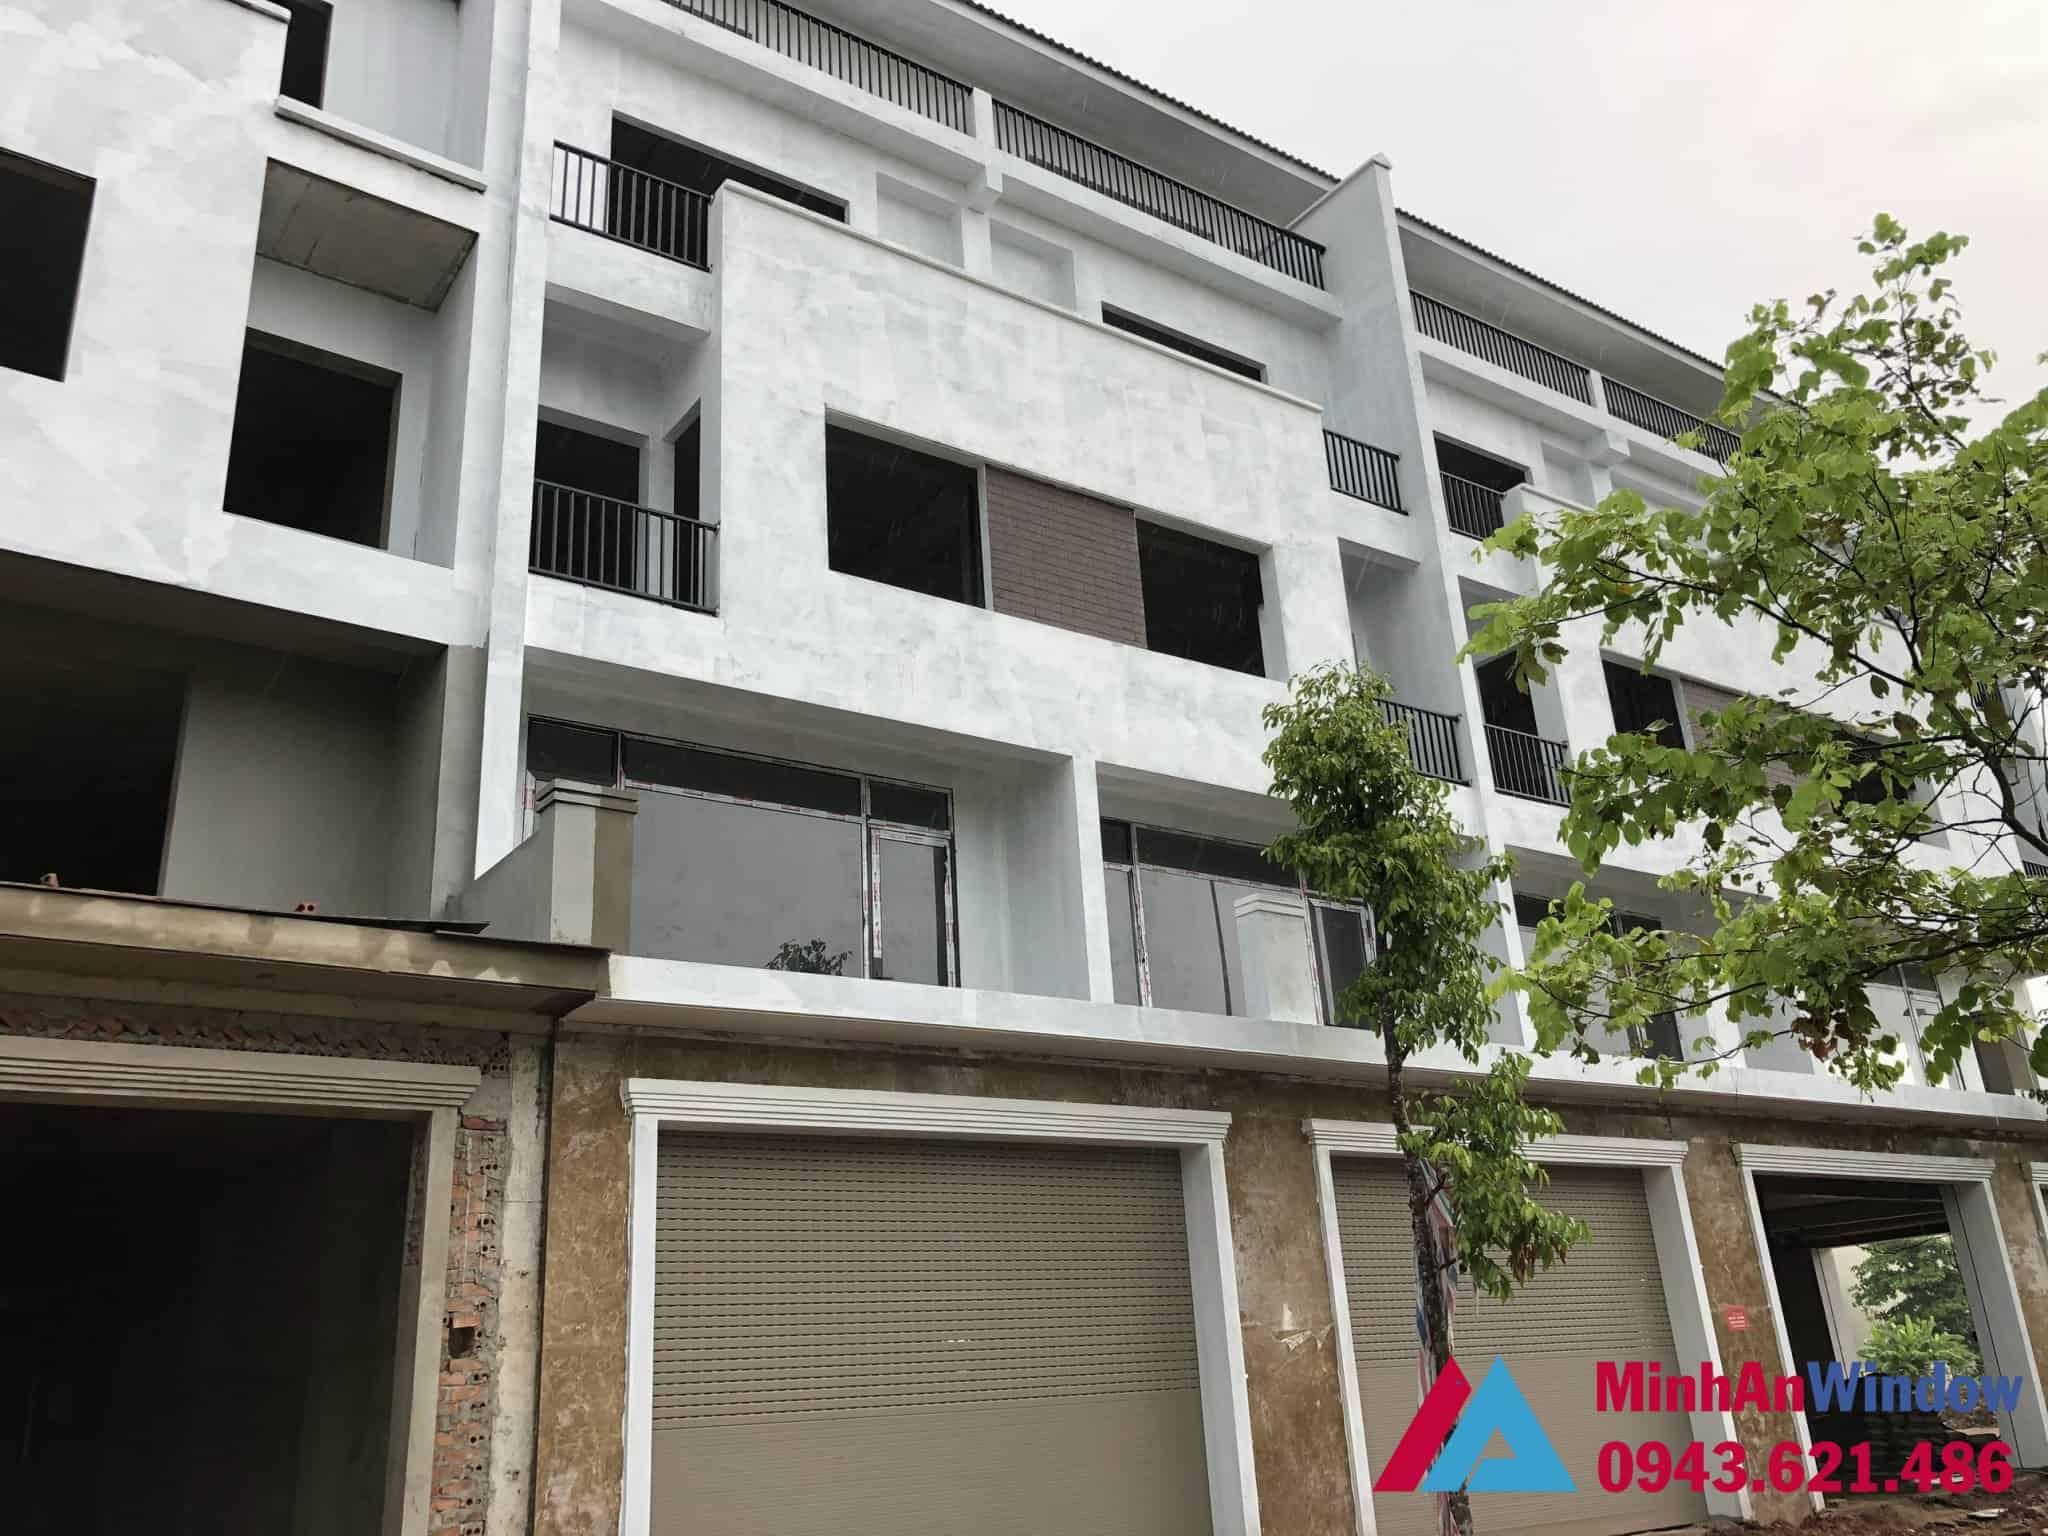 Công trình nhà ở biệt thự - Minh An Window là đơn vị thi công lắp đặt cửa nhôm kính